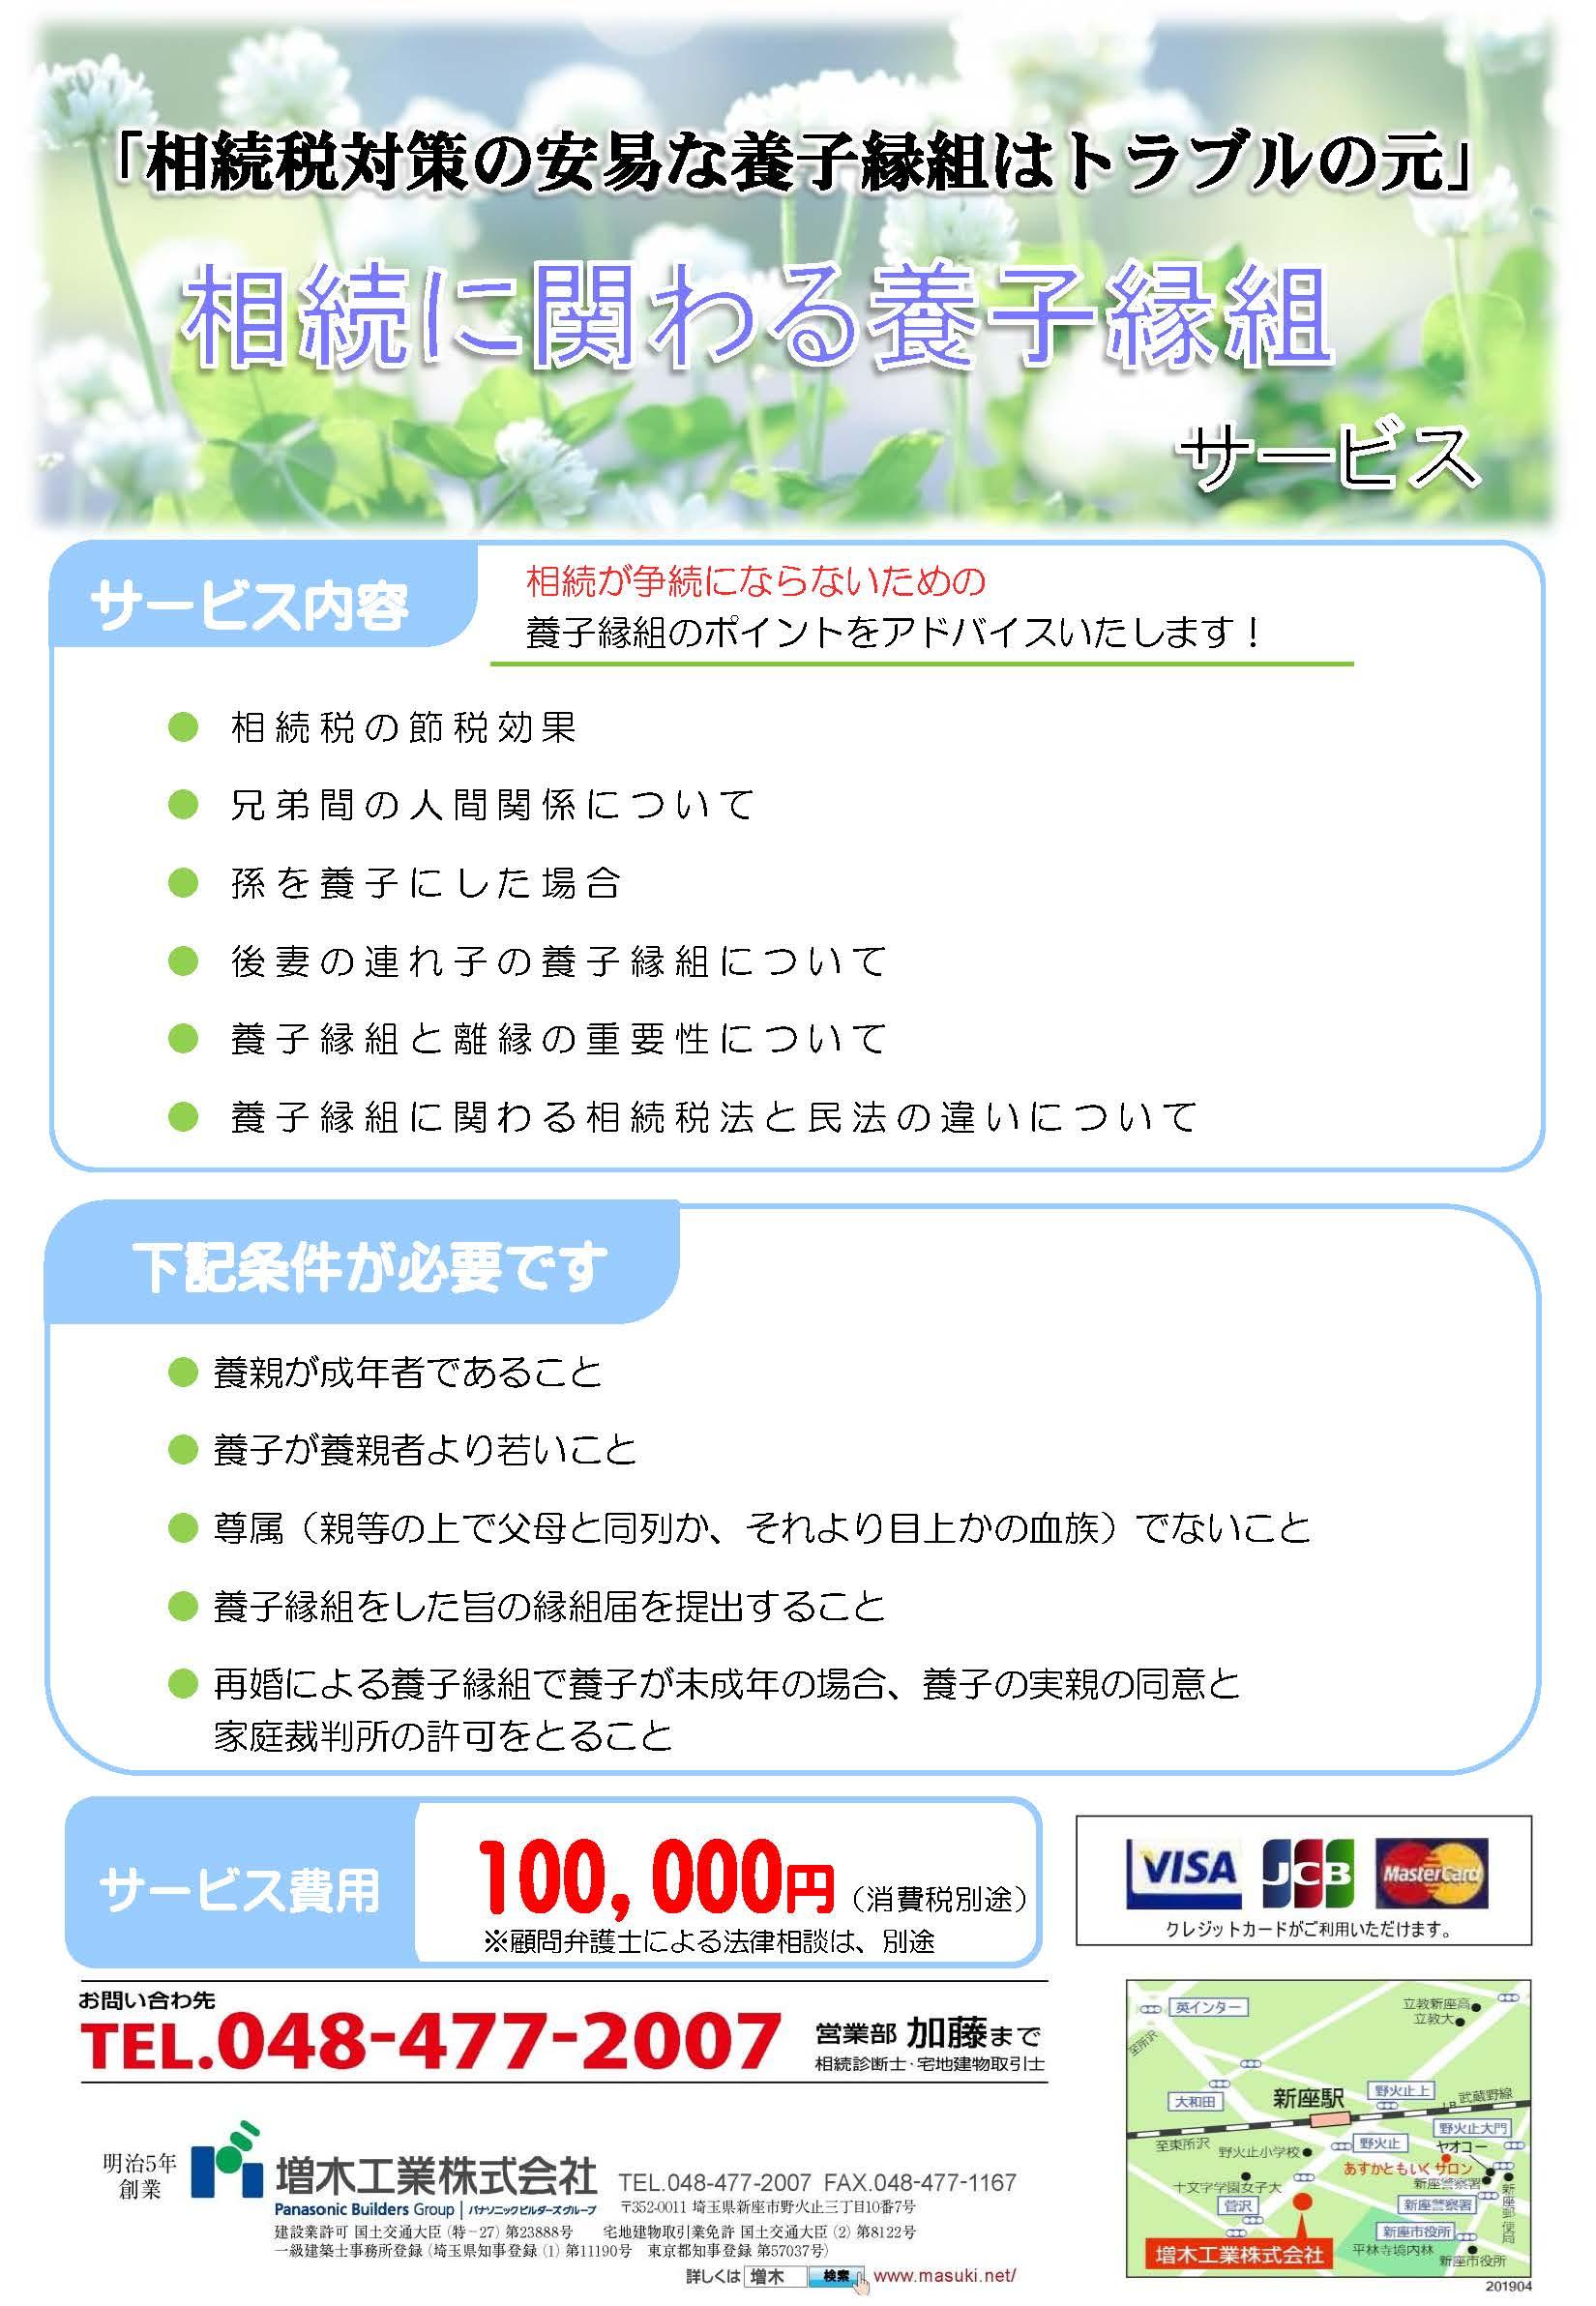 相続に関わる養子縁組サービス/14のイメージ